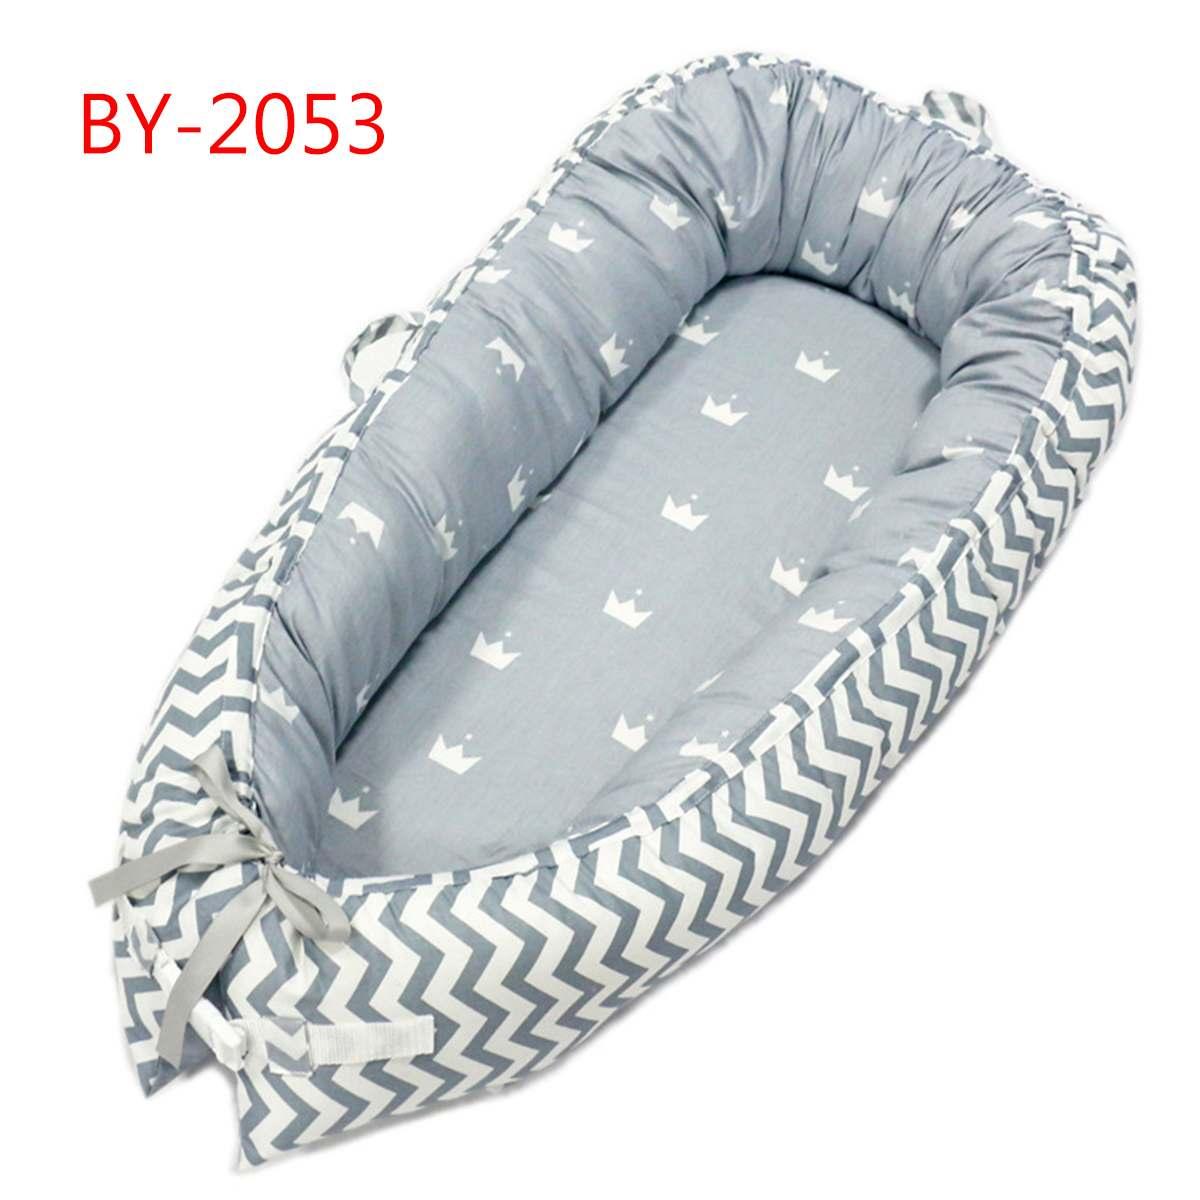 Démontable bébé berceau pépinière Portable infantile enfant en bas âge berceau multifonction nouveau-né pare-chocs sac de couchage pour les soins de bébé 50*80 cm